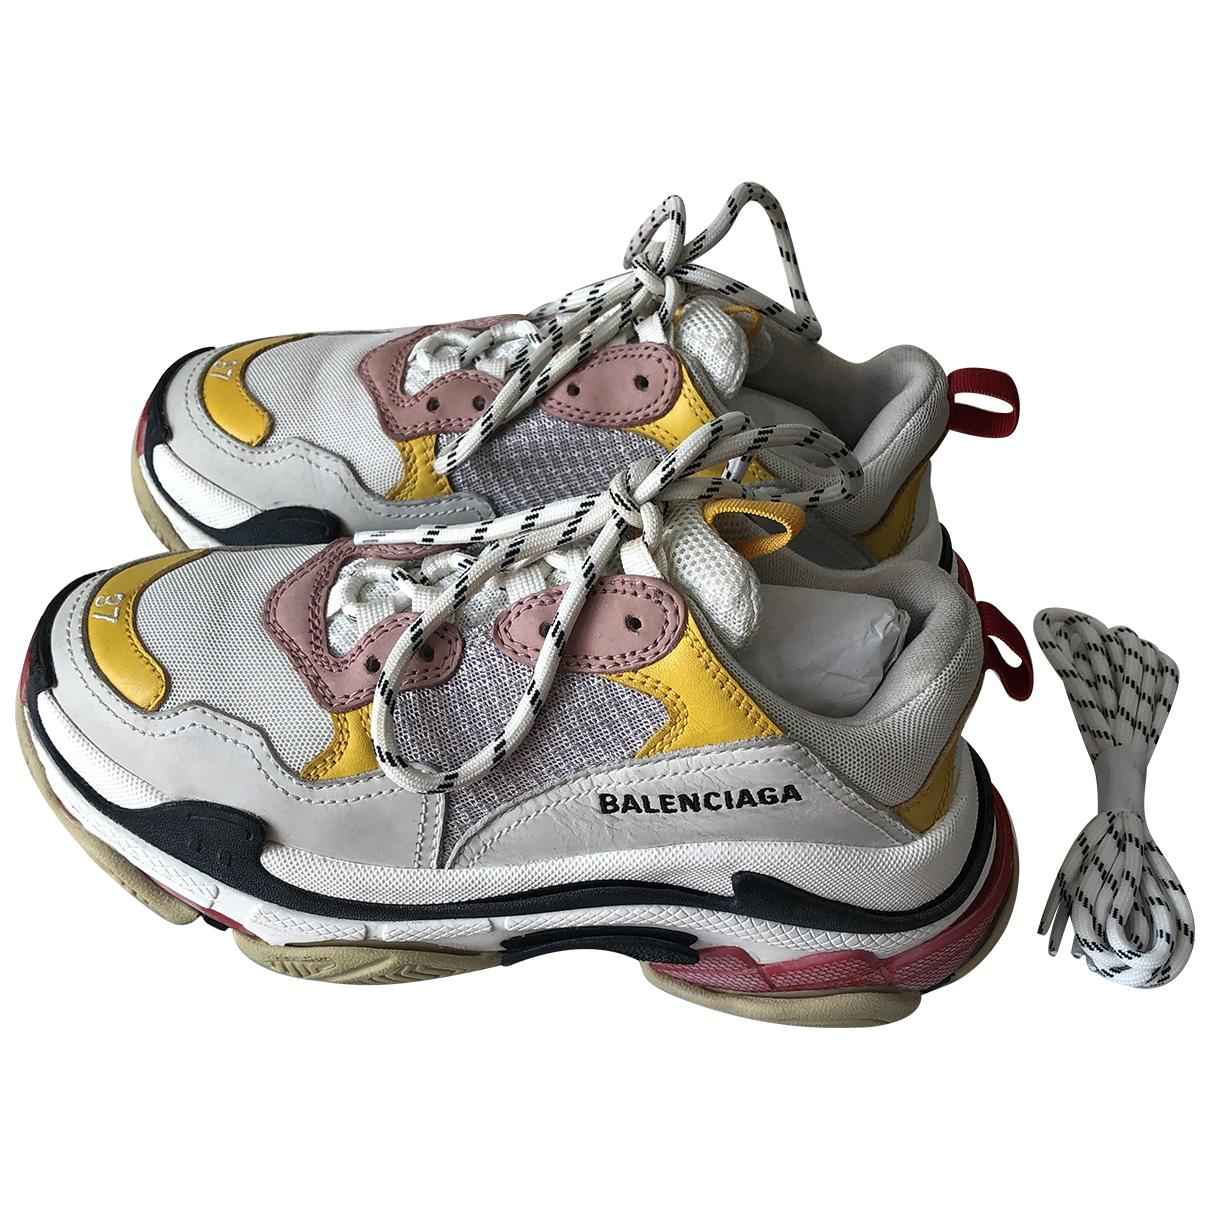 Balenciaga - Baskets Triple S pour femme en toile - multicolore